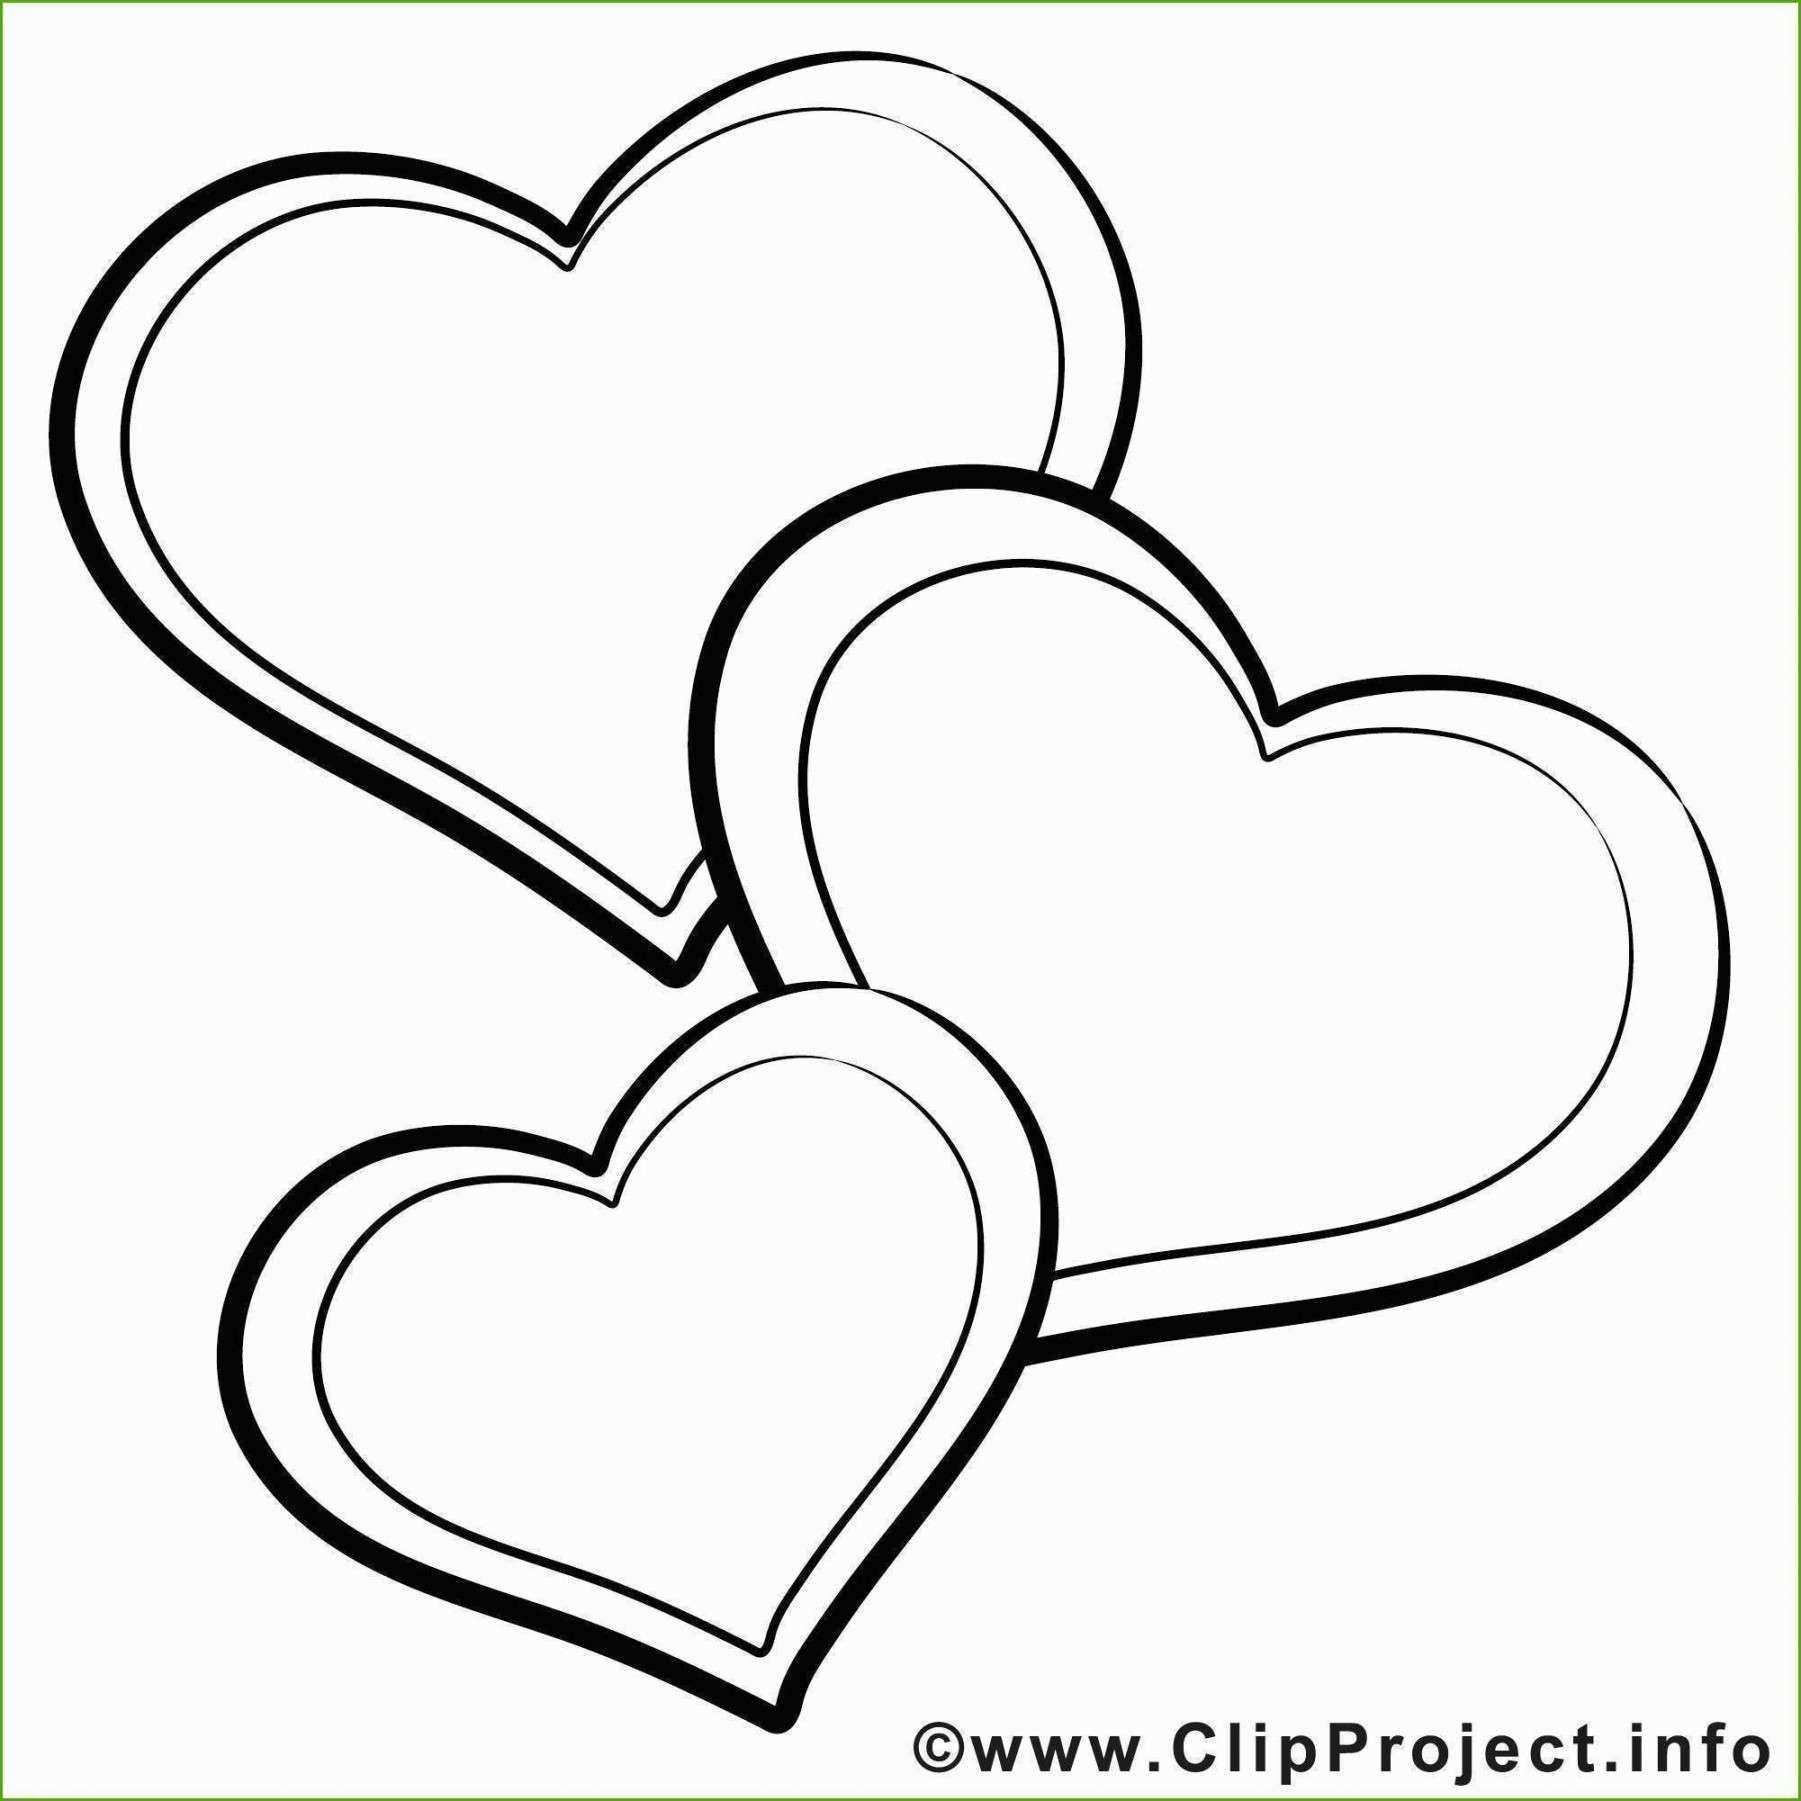 Herz Vorlage Zum Ausdrucken Elstemplates Co Elstemplates Co Herz Vorlage Herz Ausmalbild Bilder Zum Ausmalen